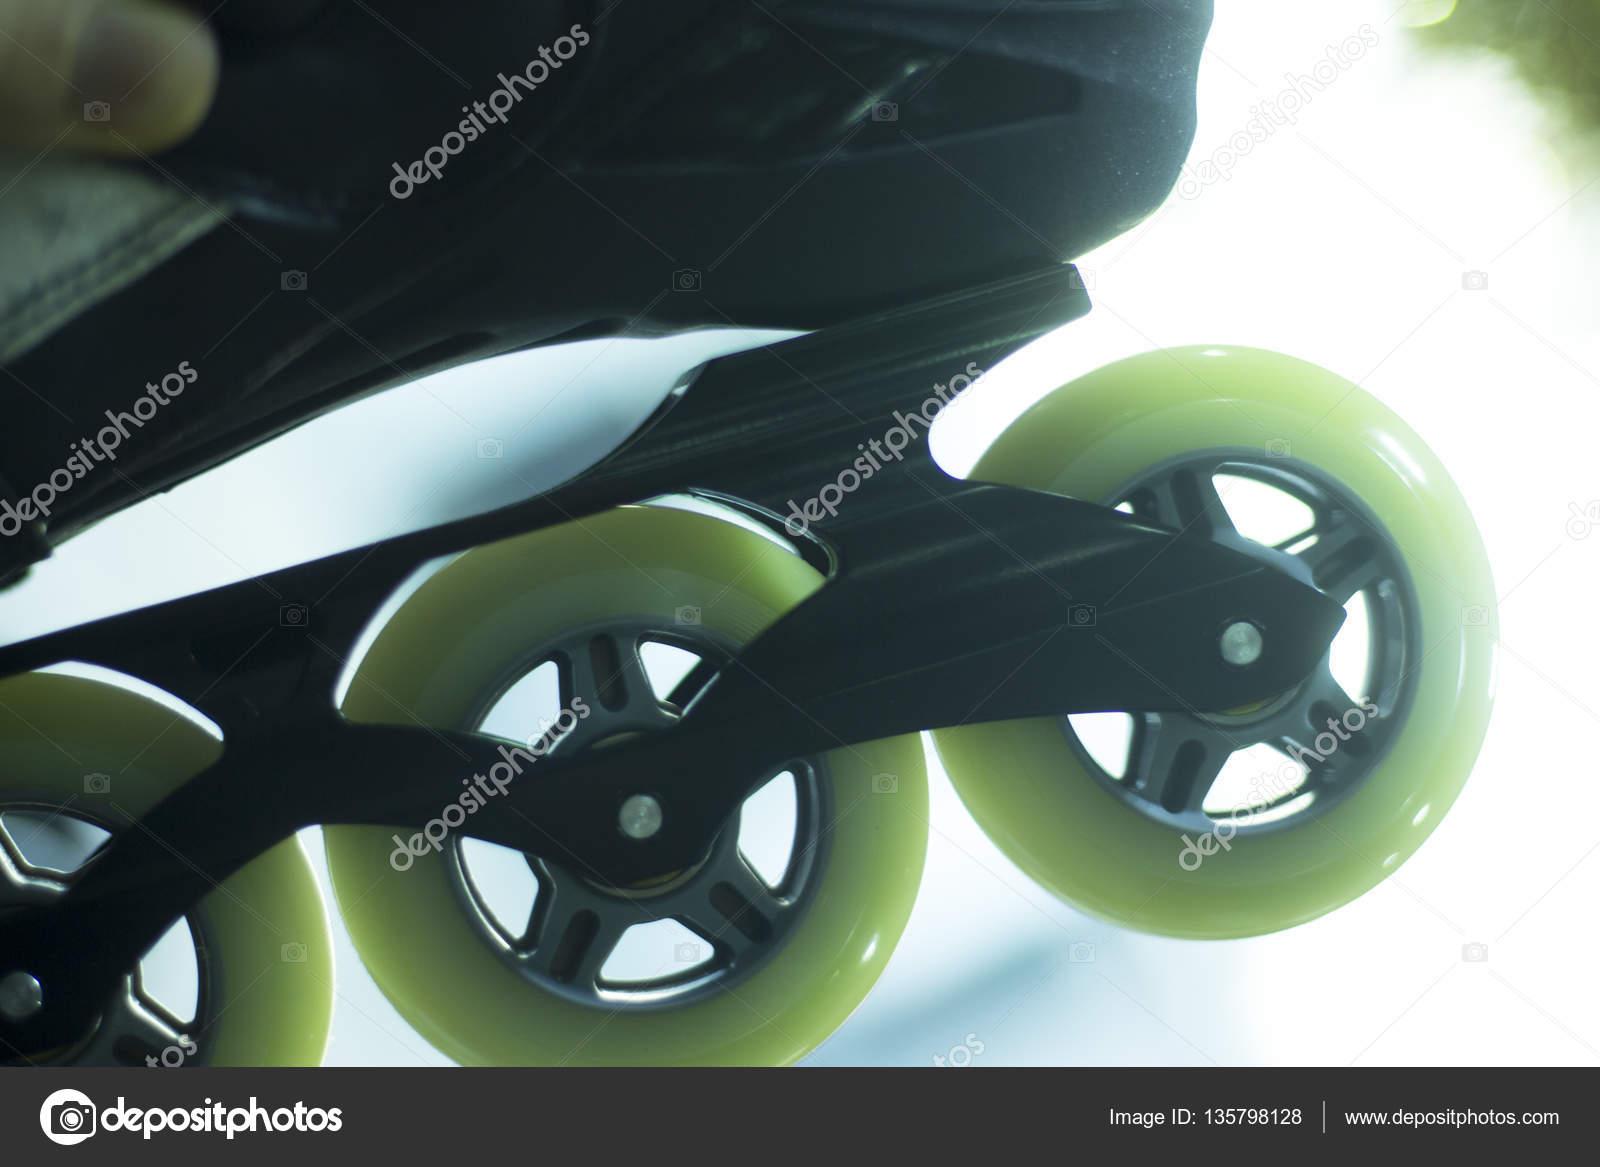 d10b28dde96c38 Pattini in linea Freestyle stivali e ruote in vendita al dettaglio negozio  vetrina per libero, urbano, slalom, fitness e pattinaggio ricreativo — Foto  di ...